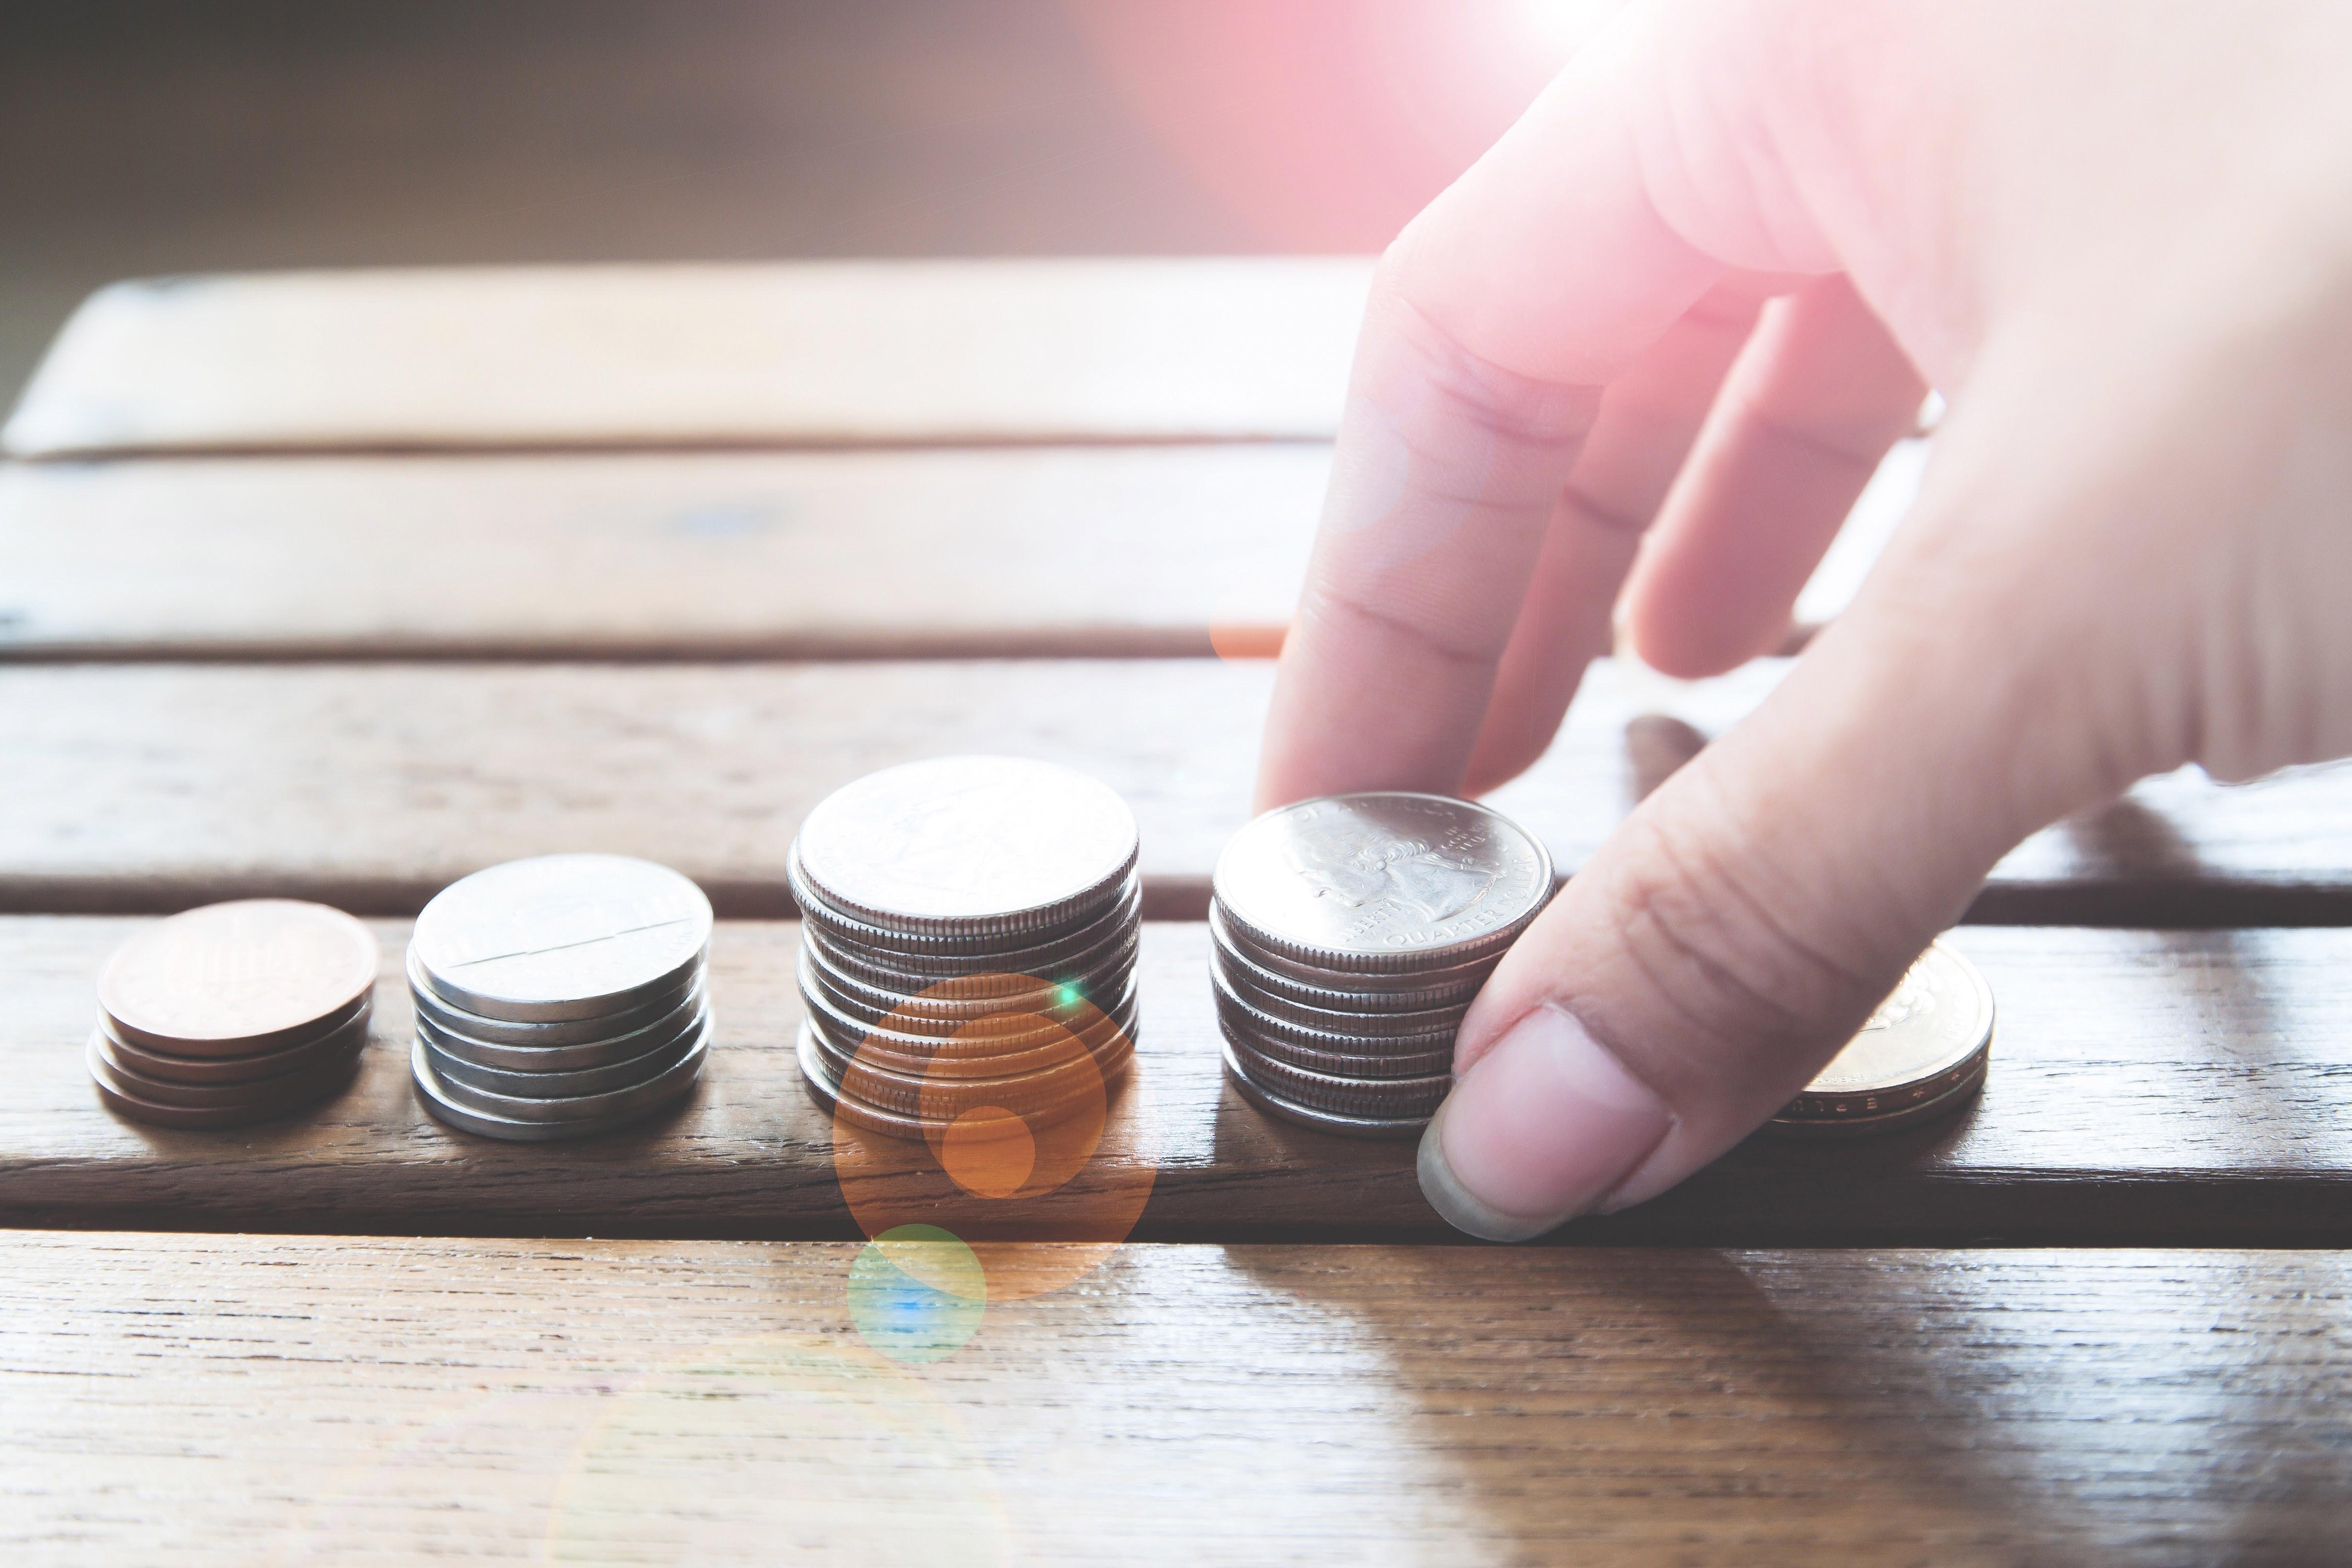 Чи зобов'язане ОСББ відповідати за борги окремих співвласників перед управителем або ЖЕКом